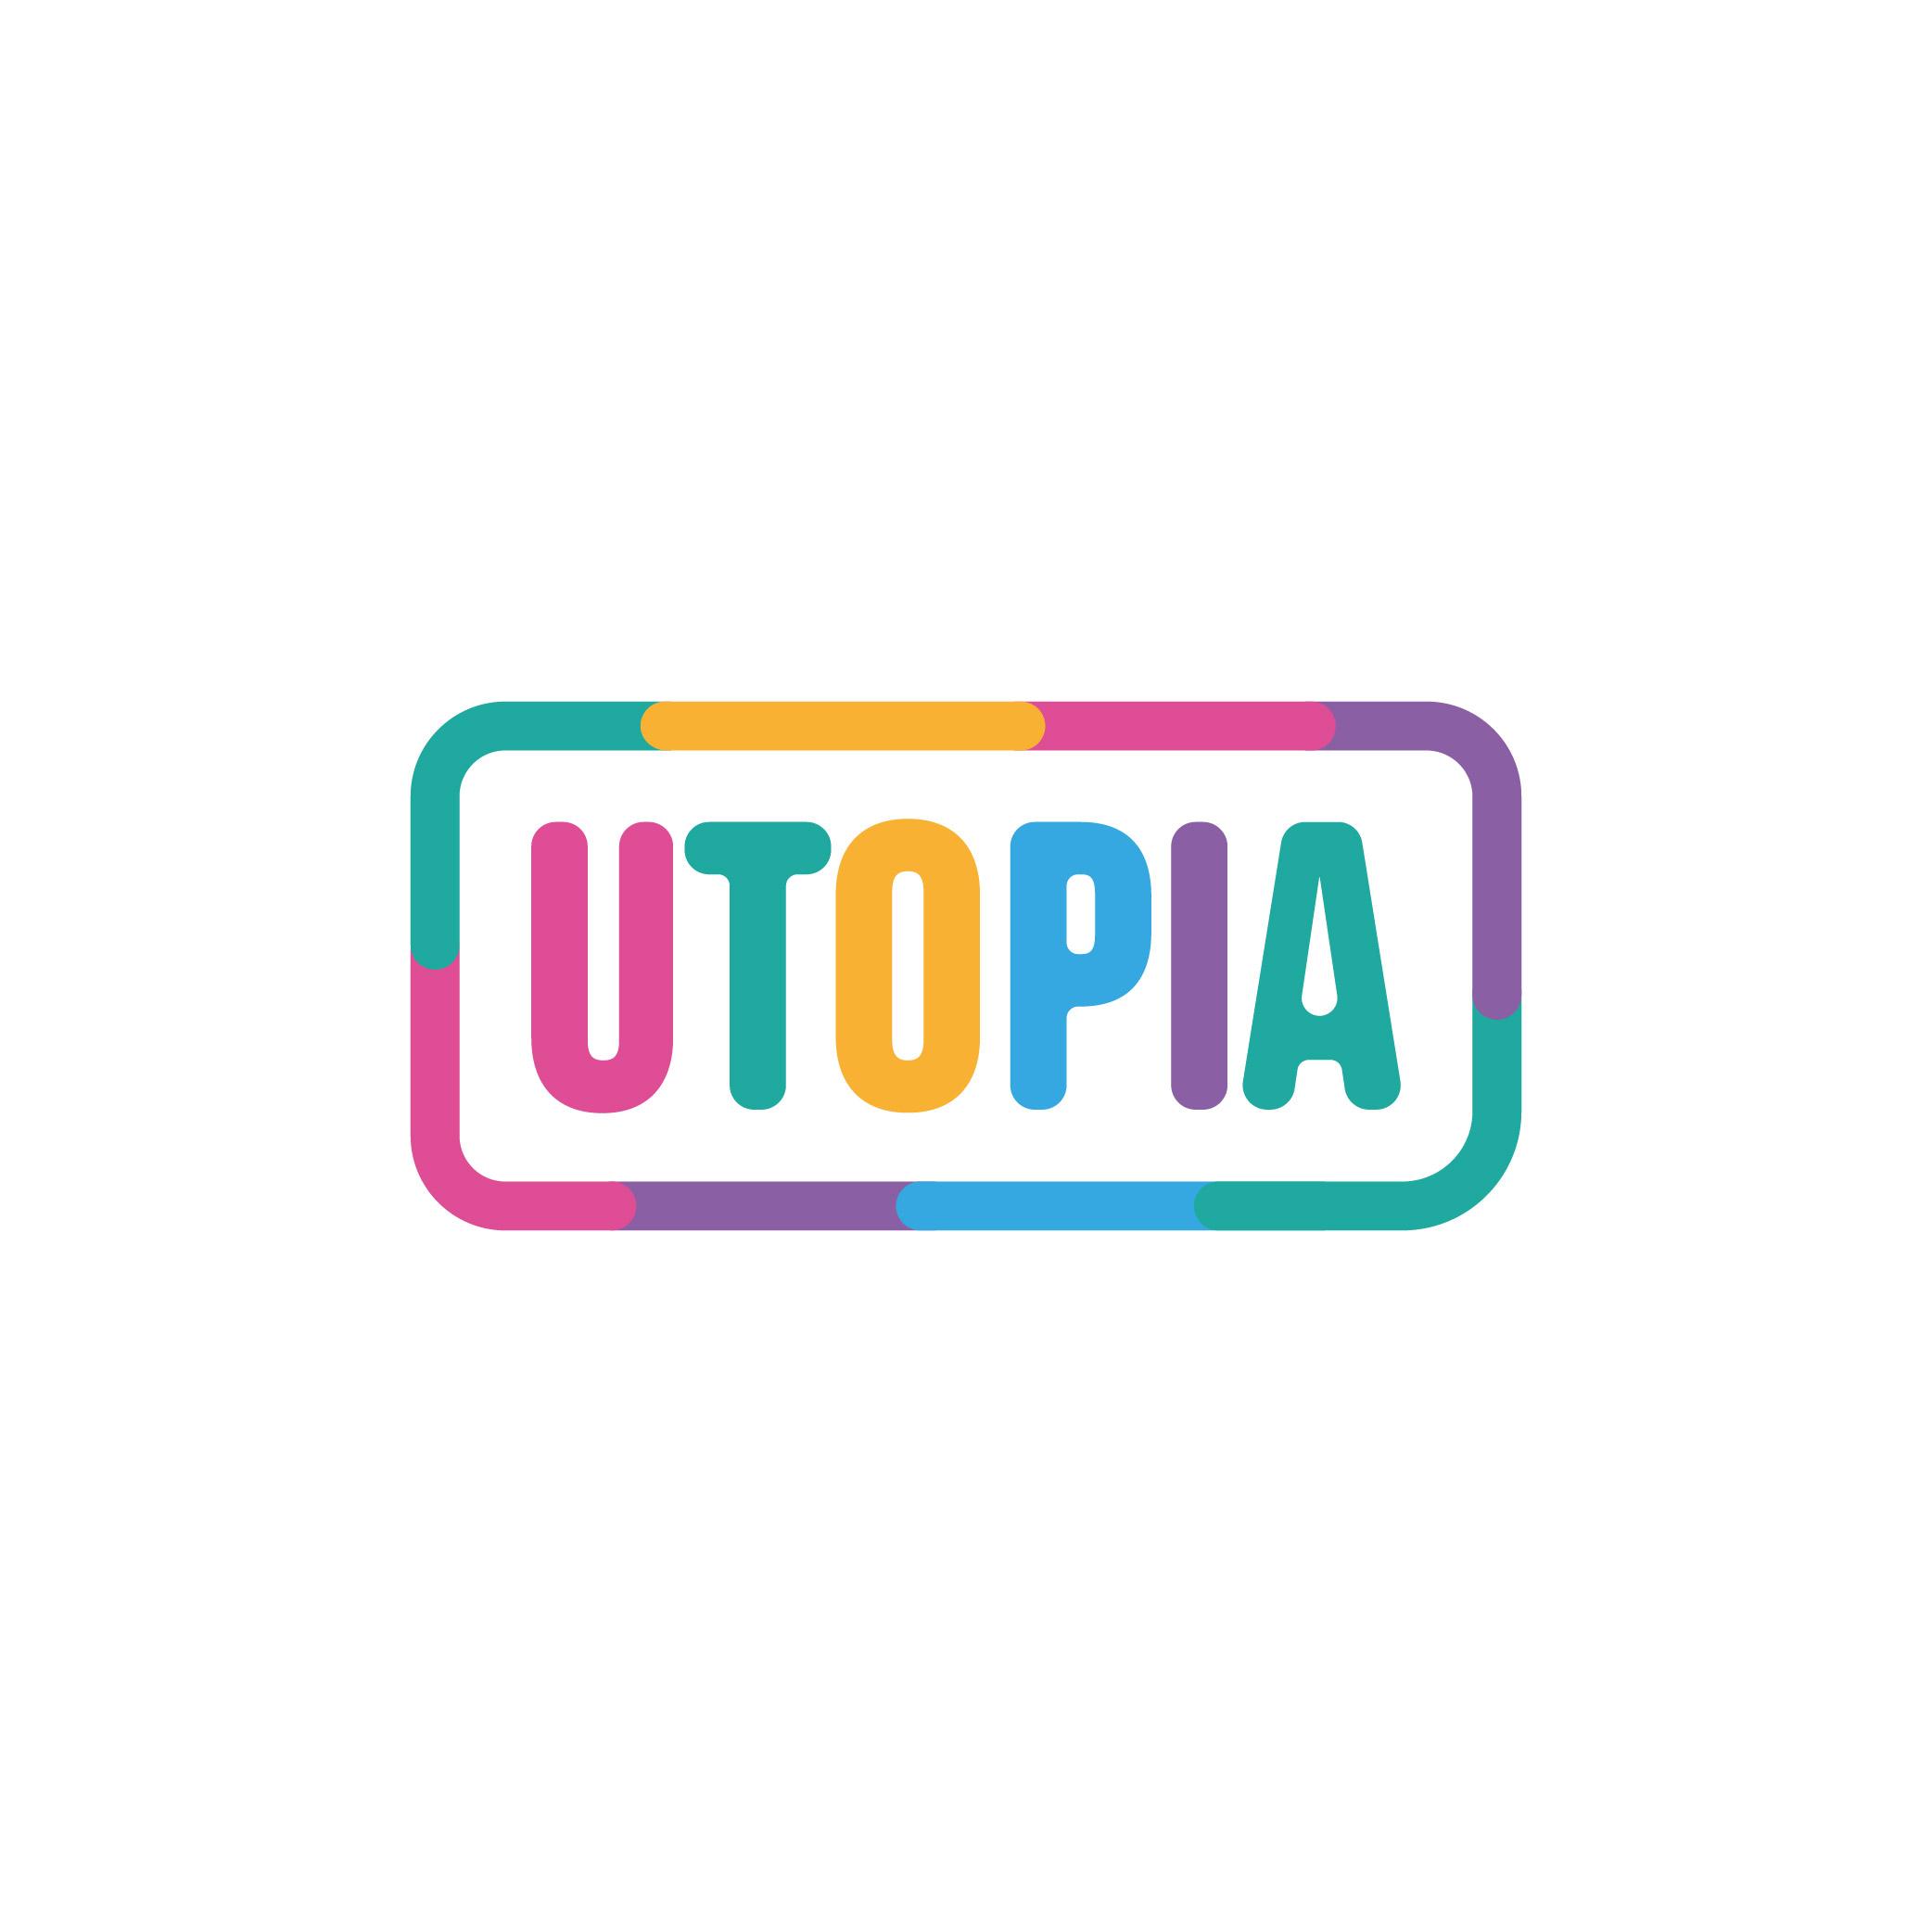 Logo Design for Gymnastics Company